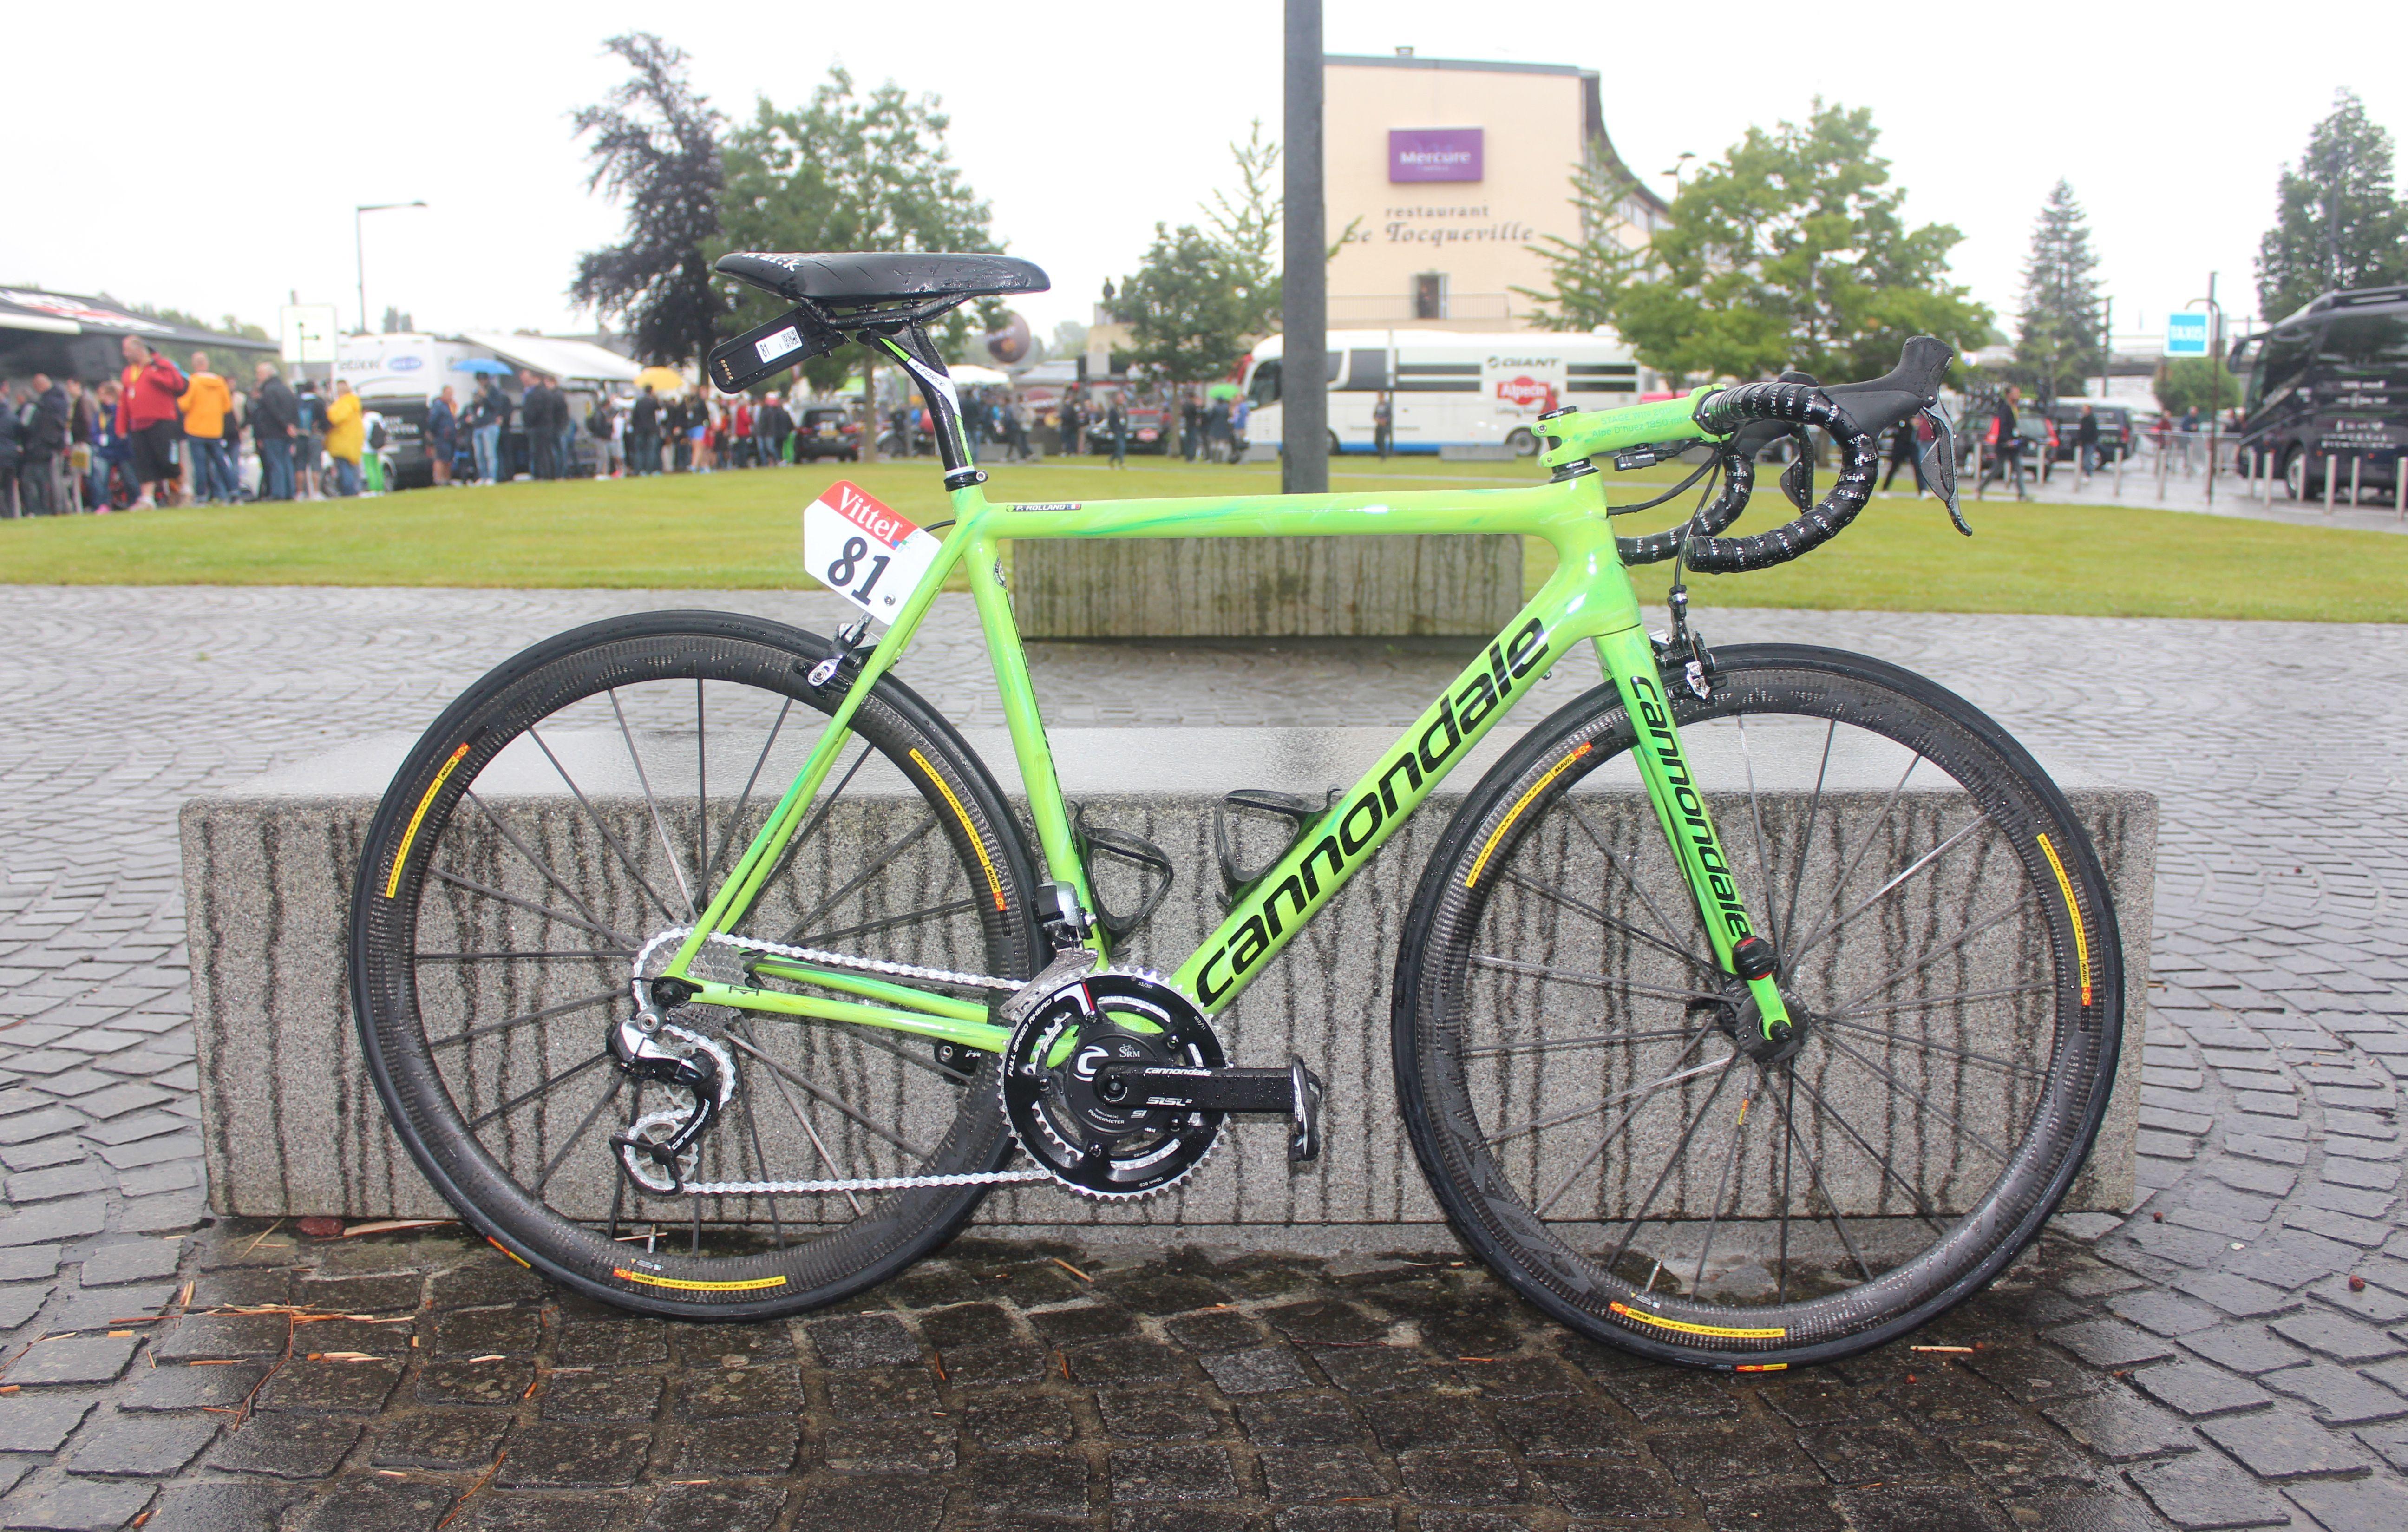 Cul de Madone ROAD SIGN METAL TOUR DE FRANCE Bike Race ROUTE